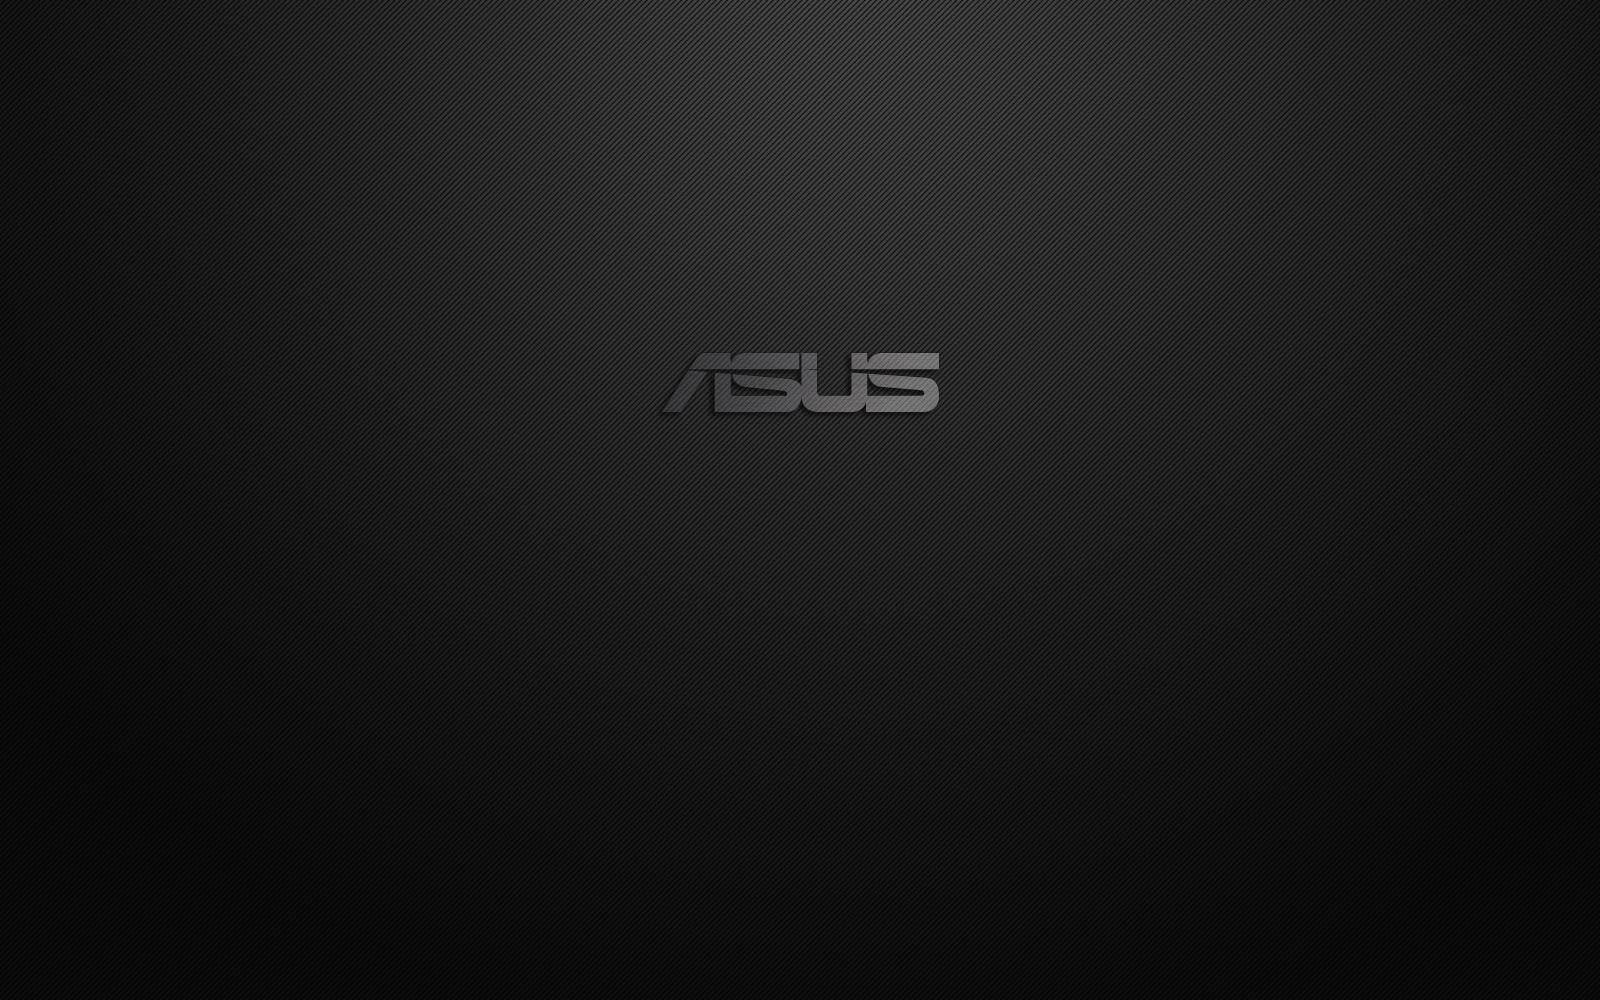 43+ Black ASUS Wallpaper 1366x768 on WallpaperSafari